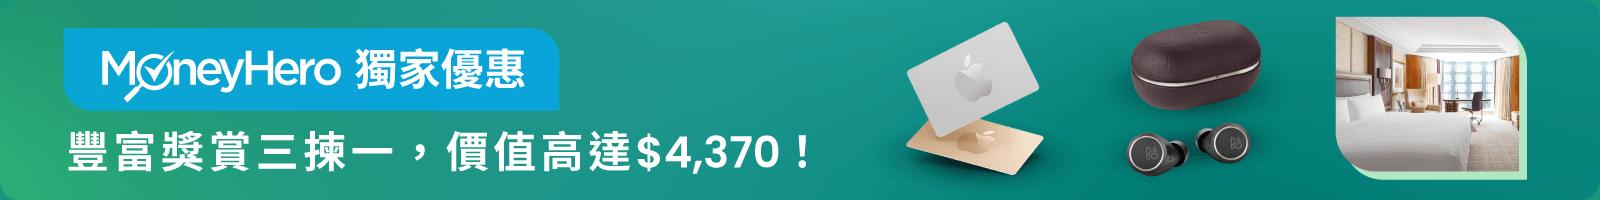 CC_CITI_CAMPAIGN_202108